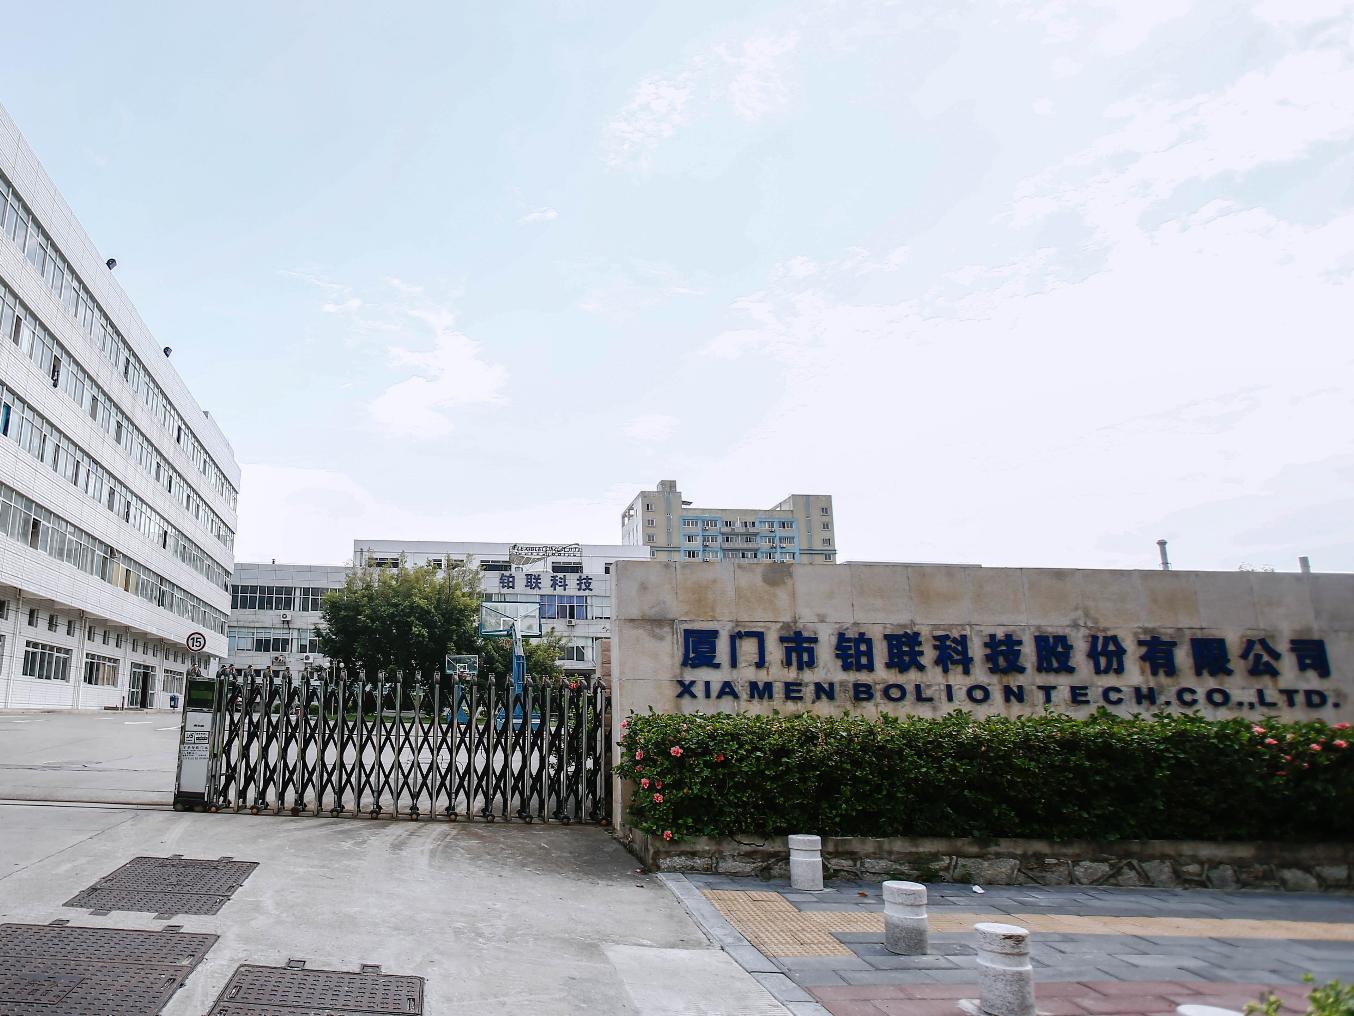 厦门市铂联科技股份有限公司